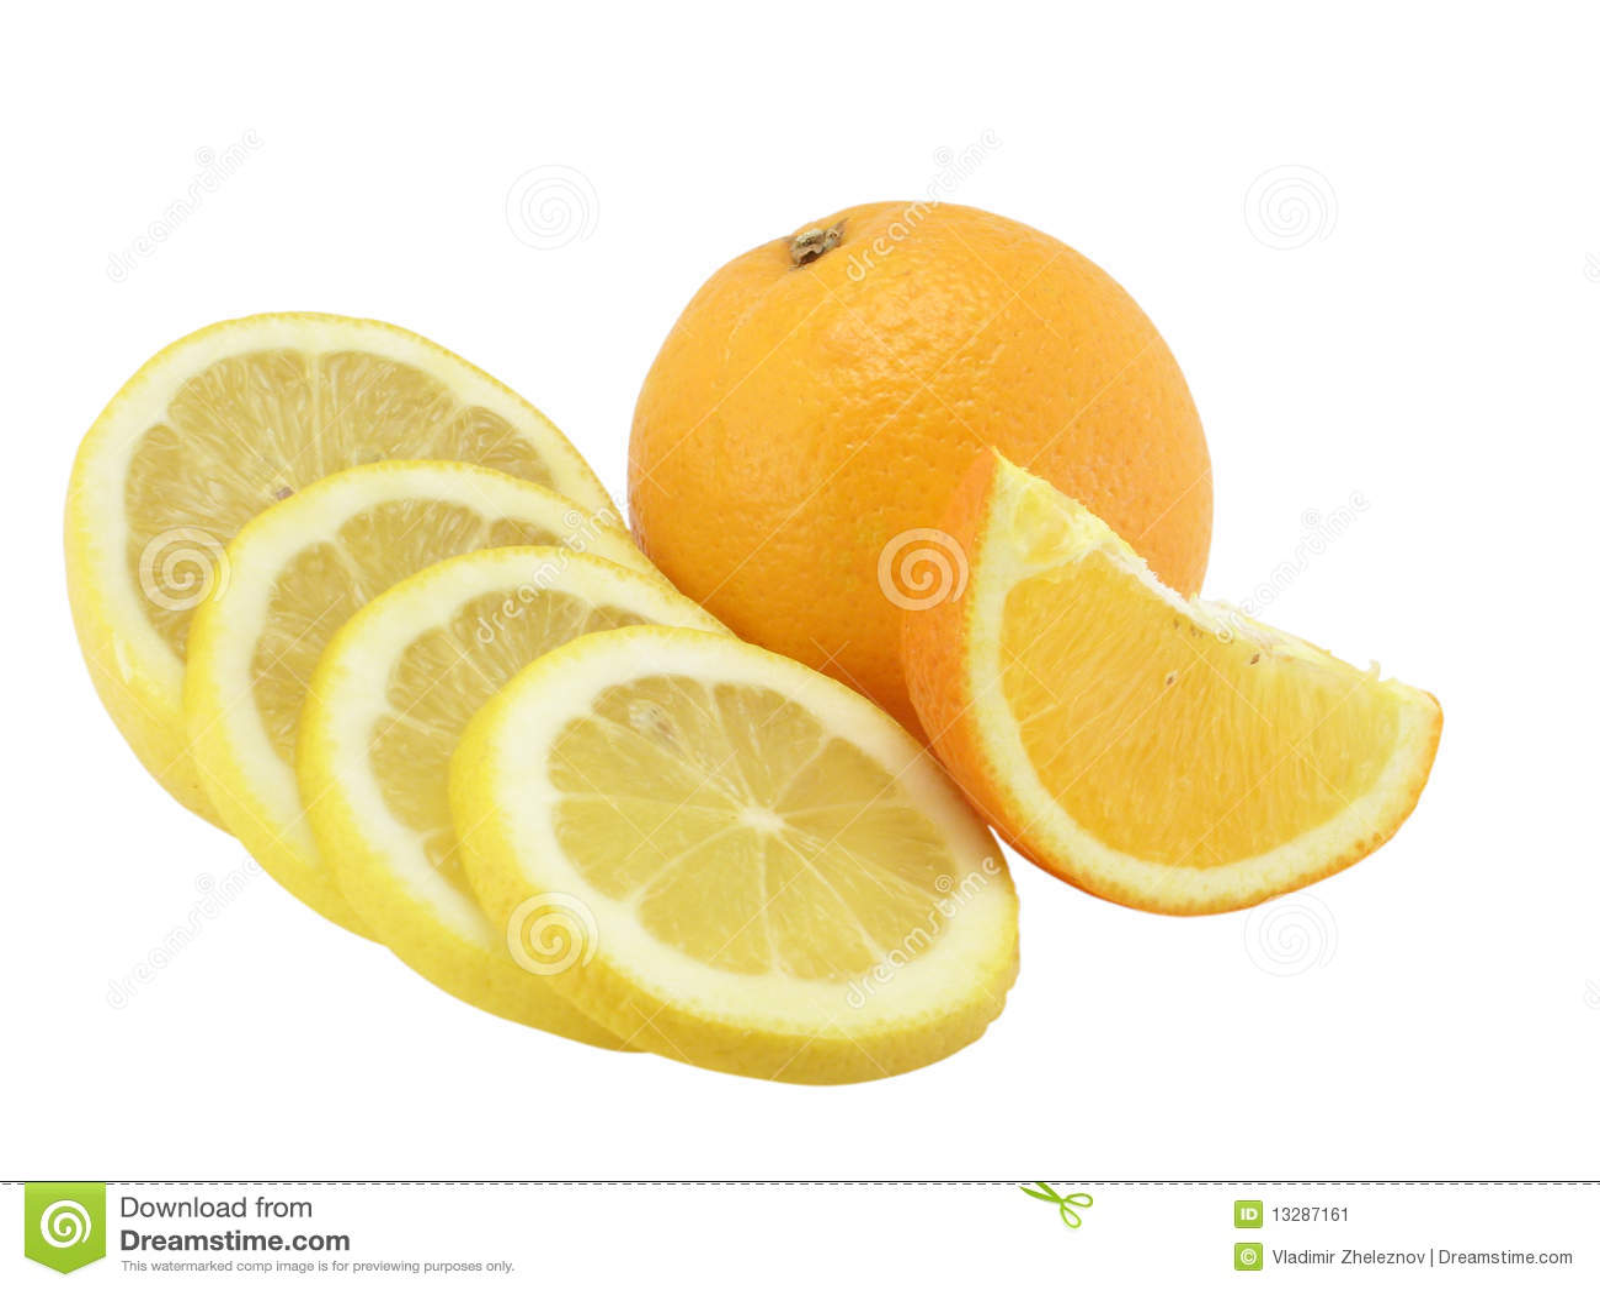 The Cut Lemon, The Whole Orange And Orange Segment Stock Image - Image ...